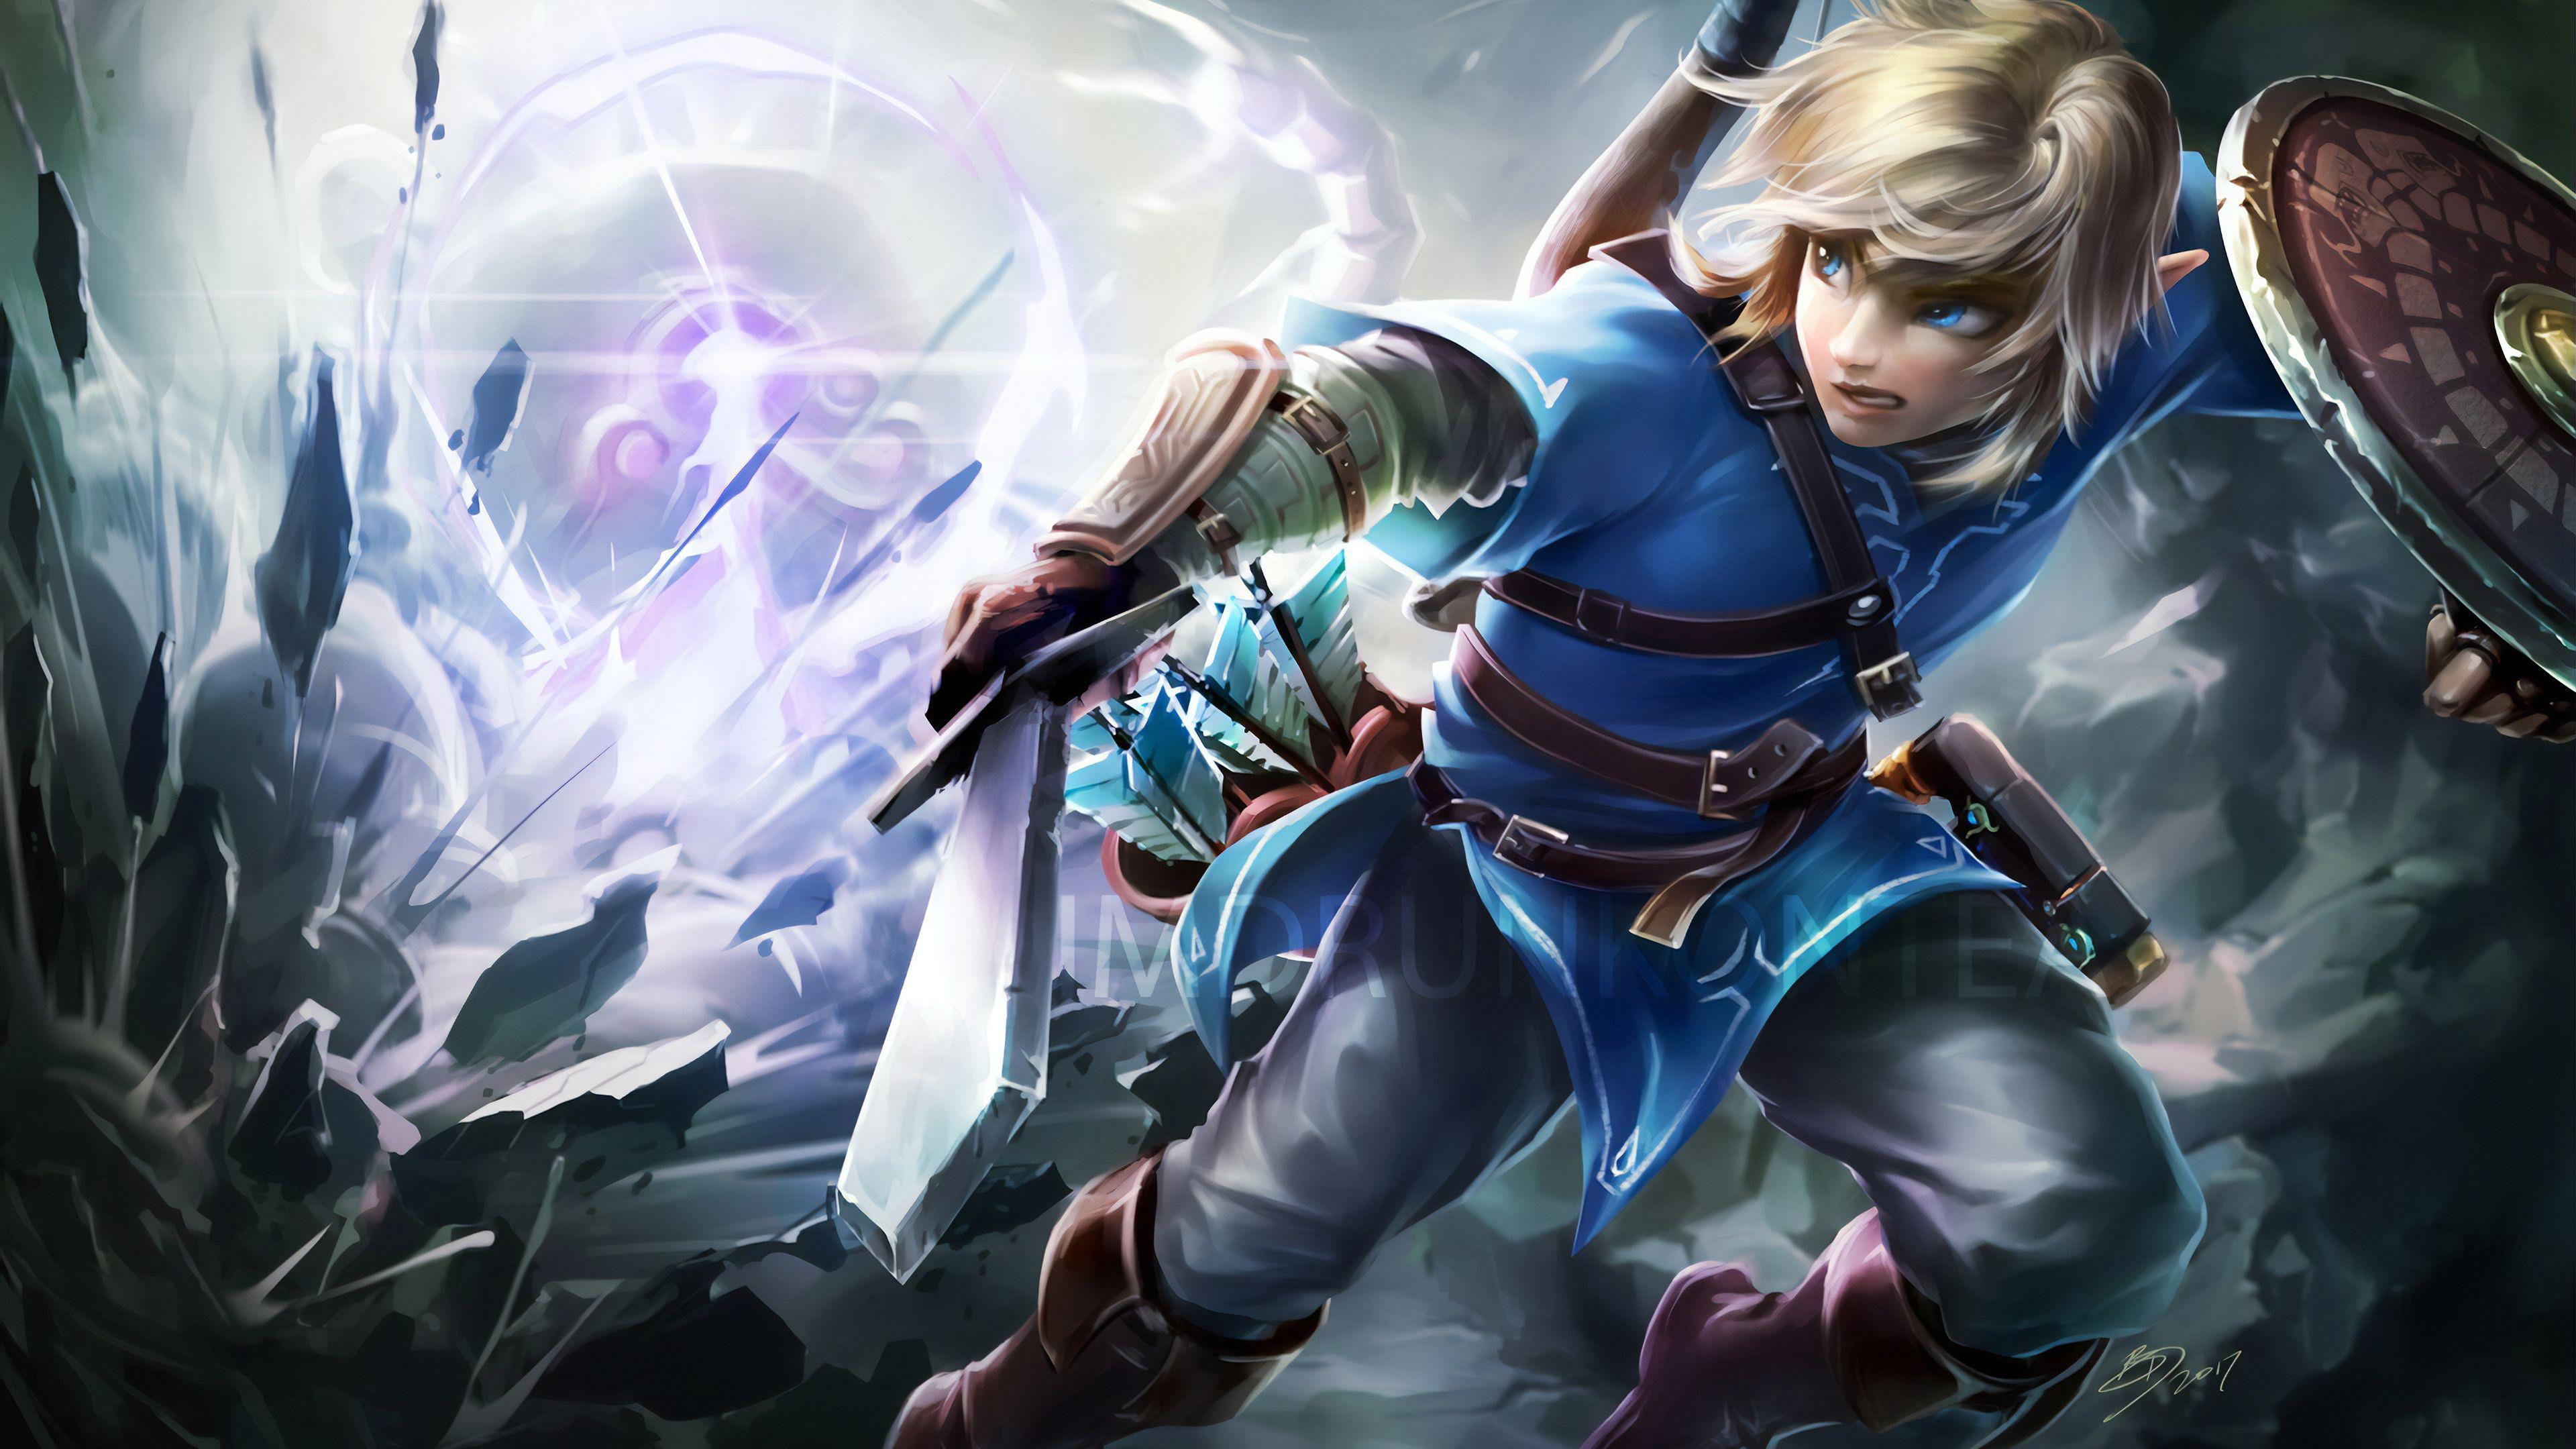 Zelda 4k Wallpapers Top Free Zelda 4k Backgrounds Wallpaperaccess